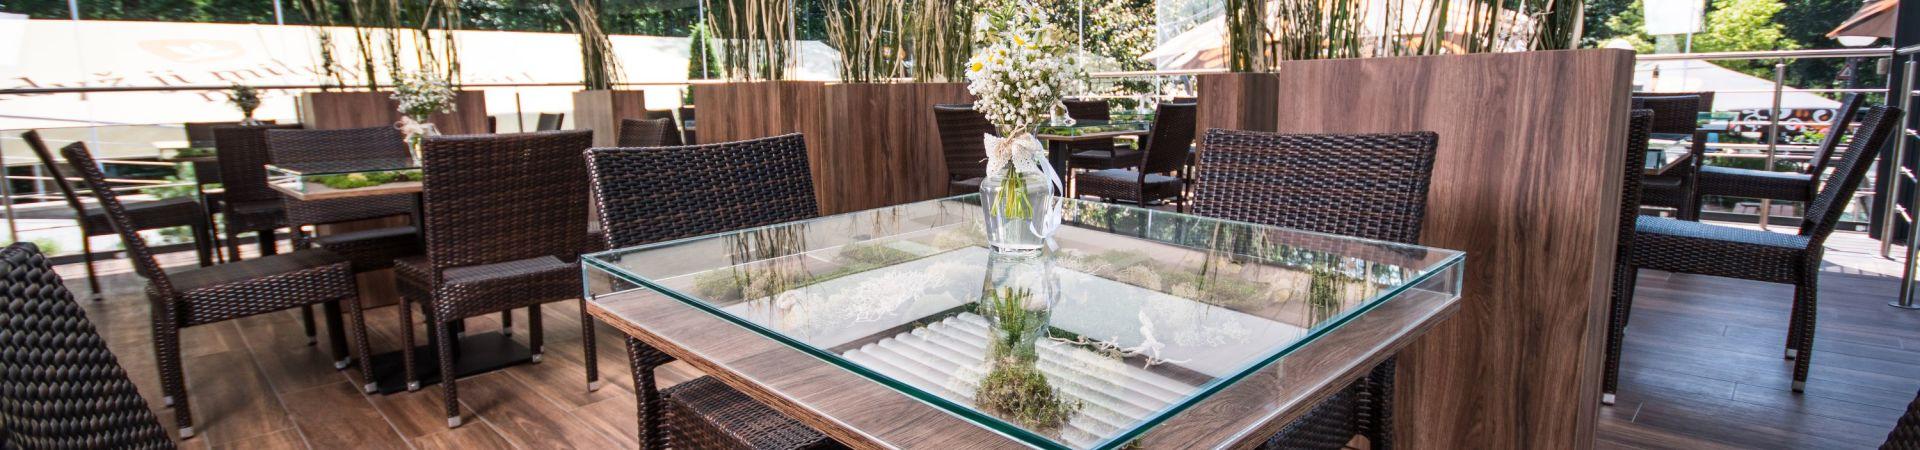 Restaurace a penzion Zděná bouda - Zimní zahrada